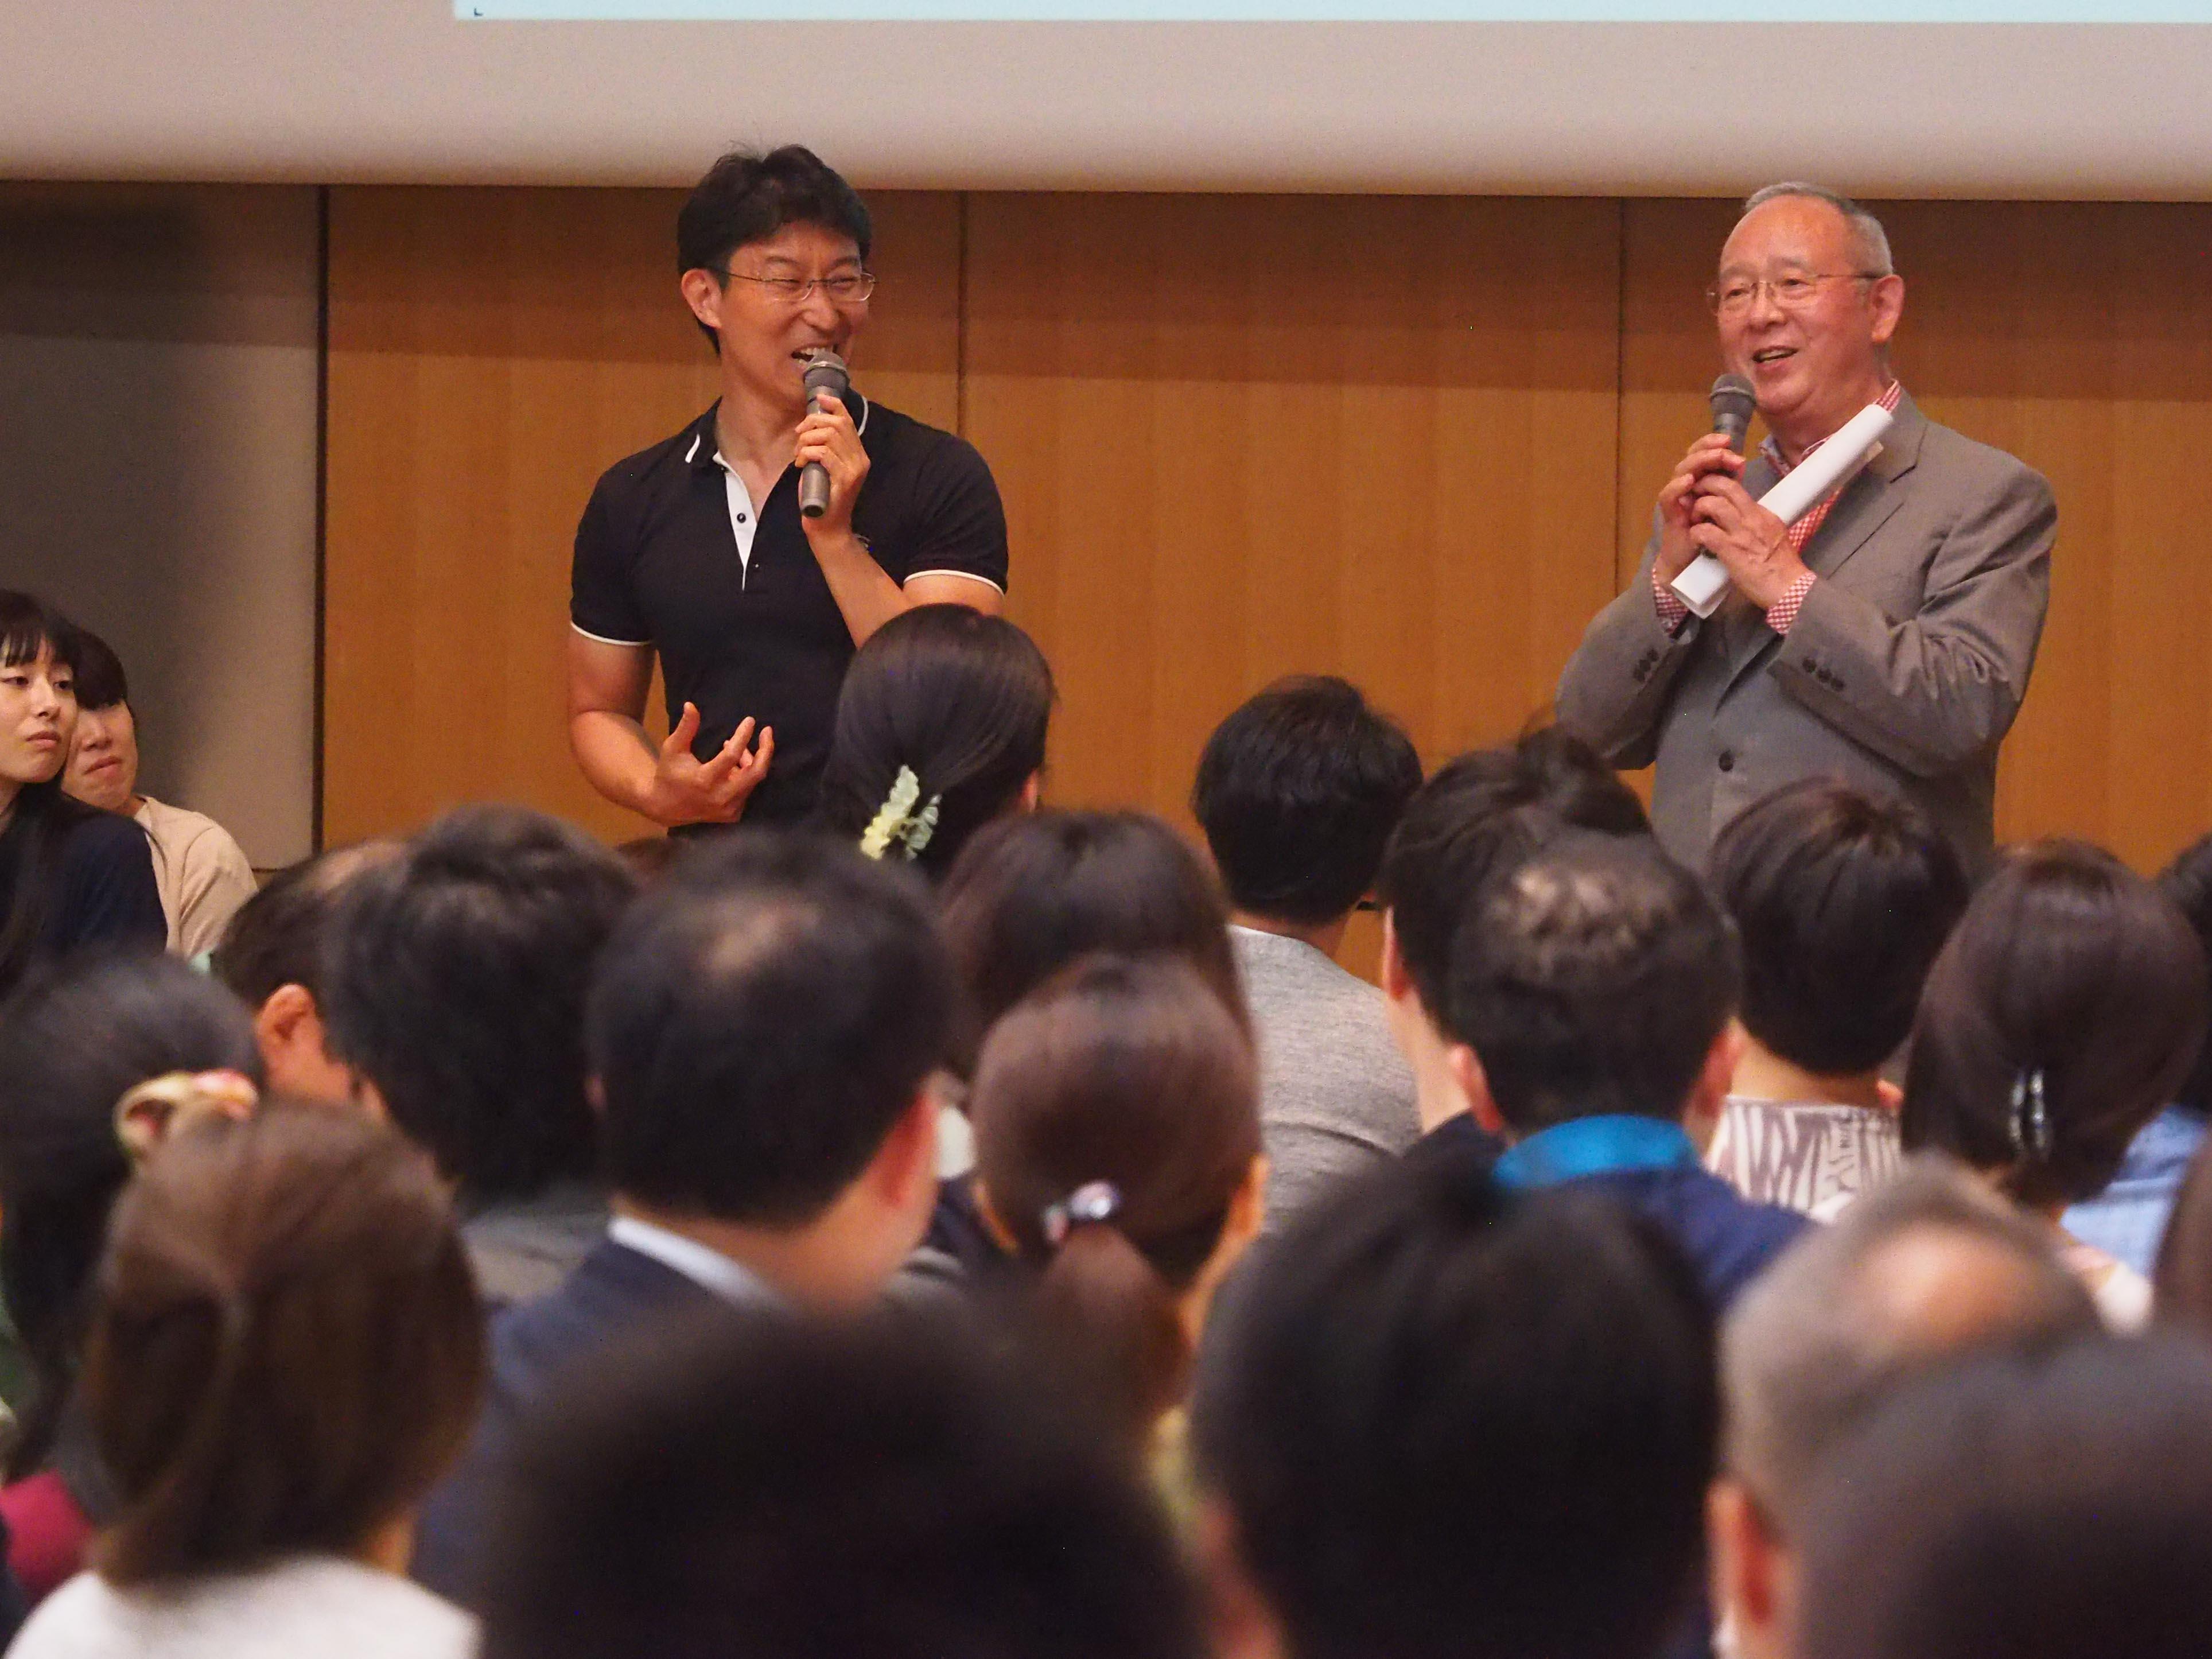 杉田敏先生(NHKラジオ・ビジネス英語)、小田康之(Vital Japan)